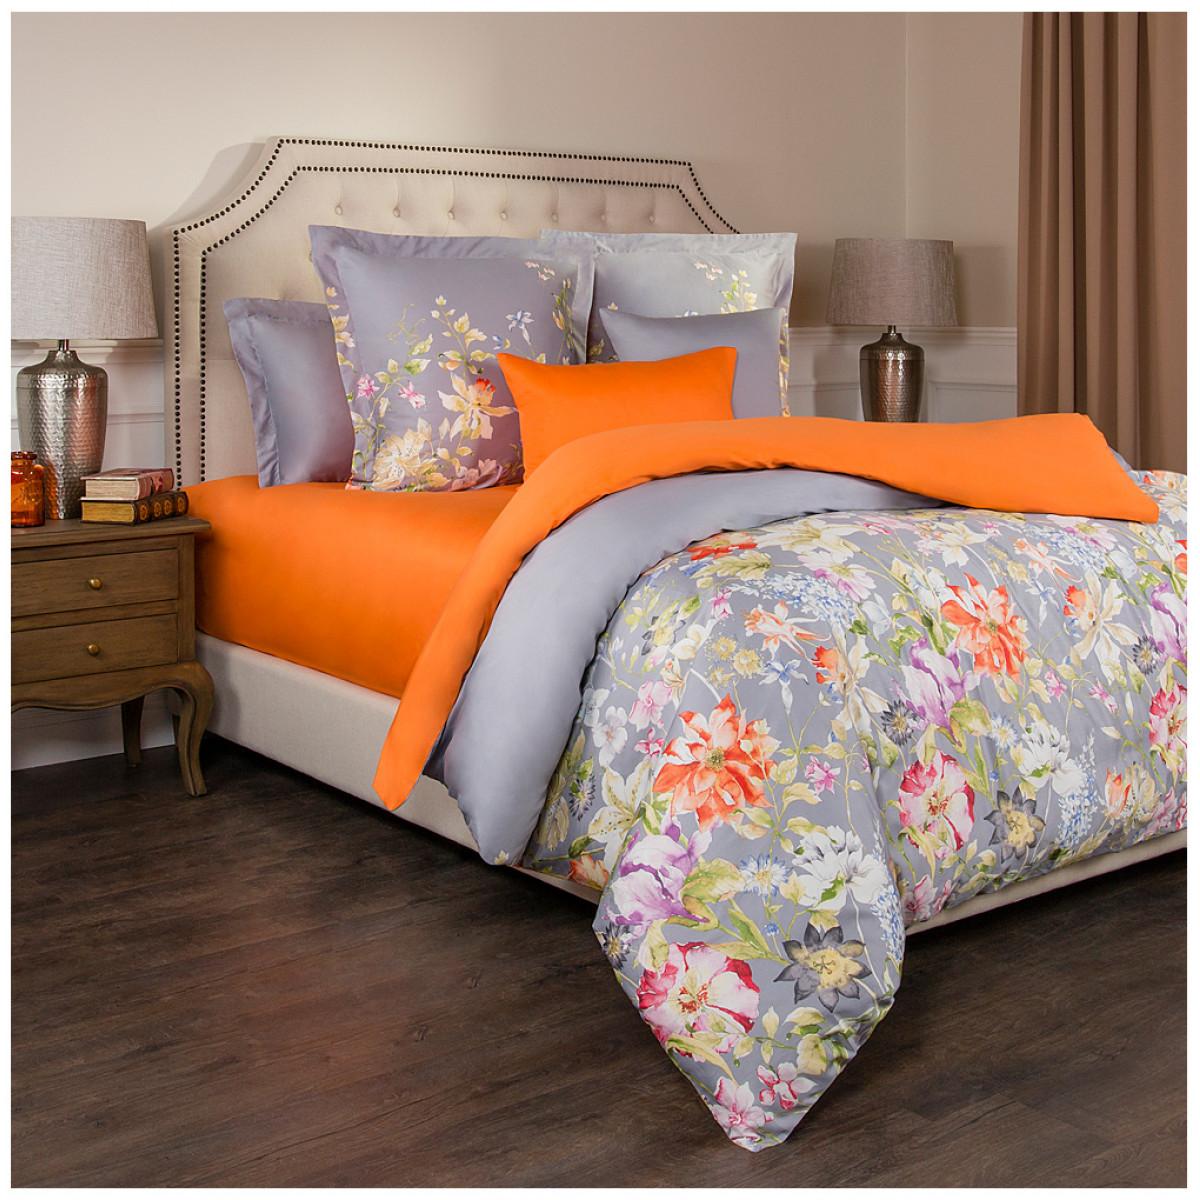 Постельное белье Santalino Постельное белье Пастораль Цвет: Оранжевый-Серый (2 спал.)